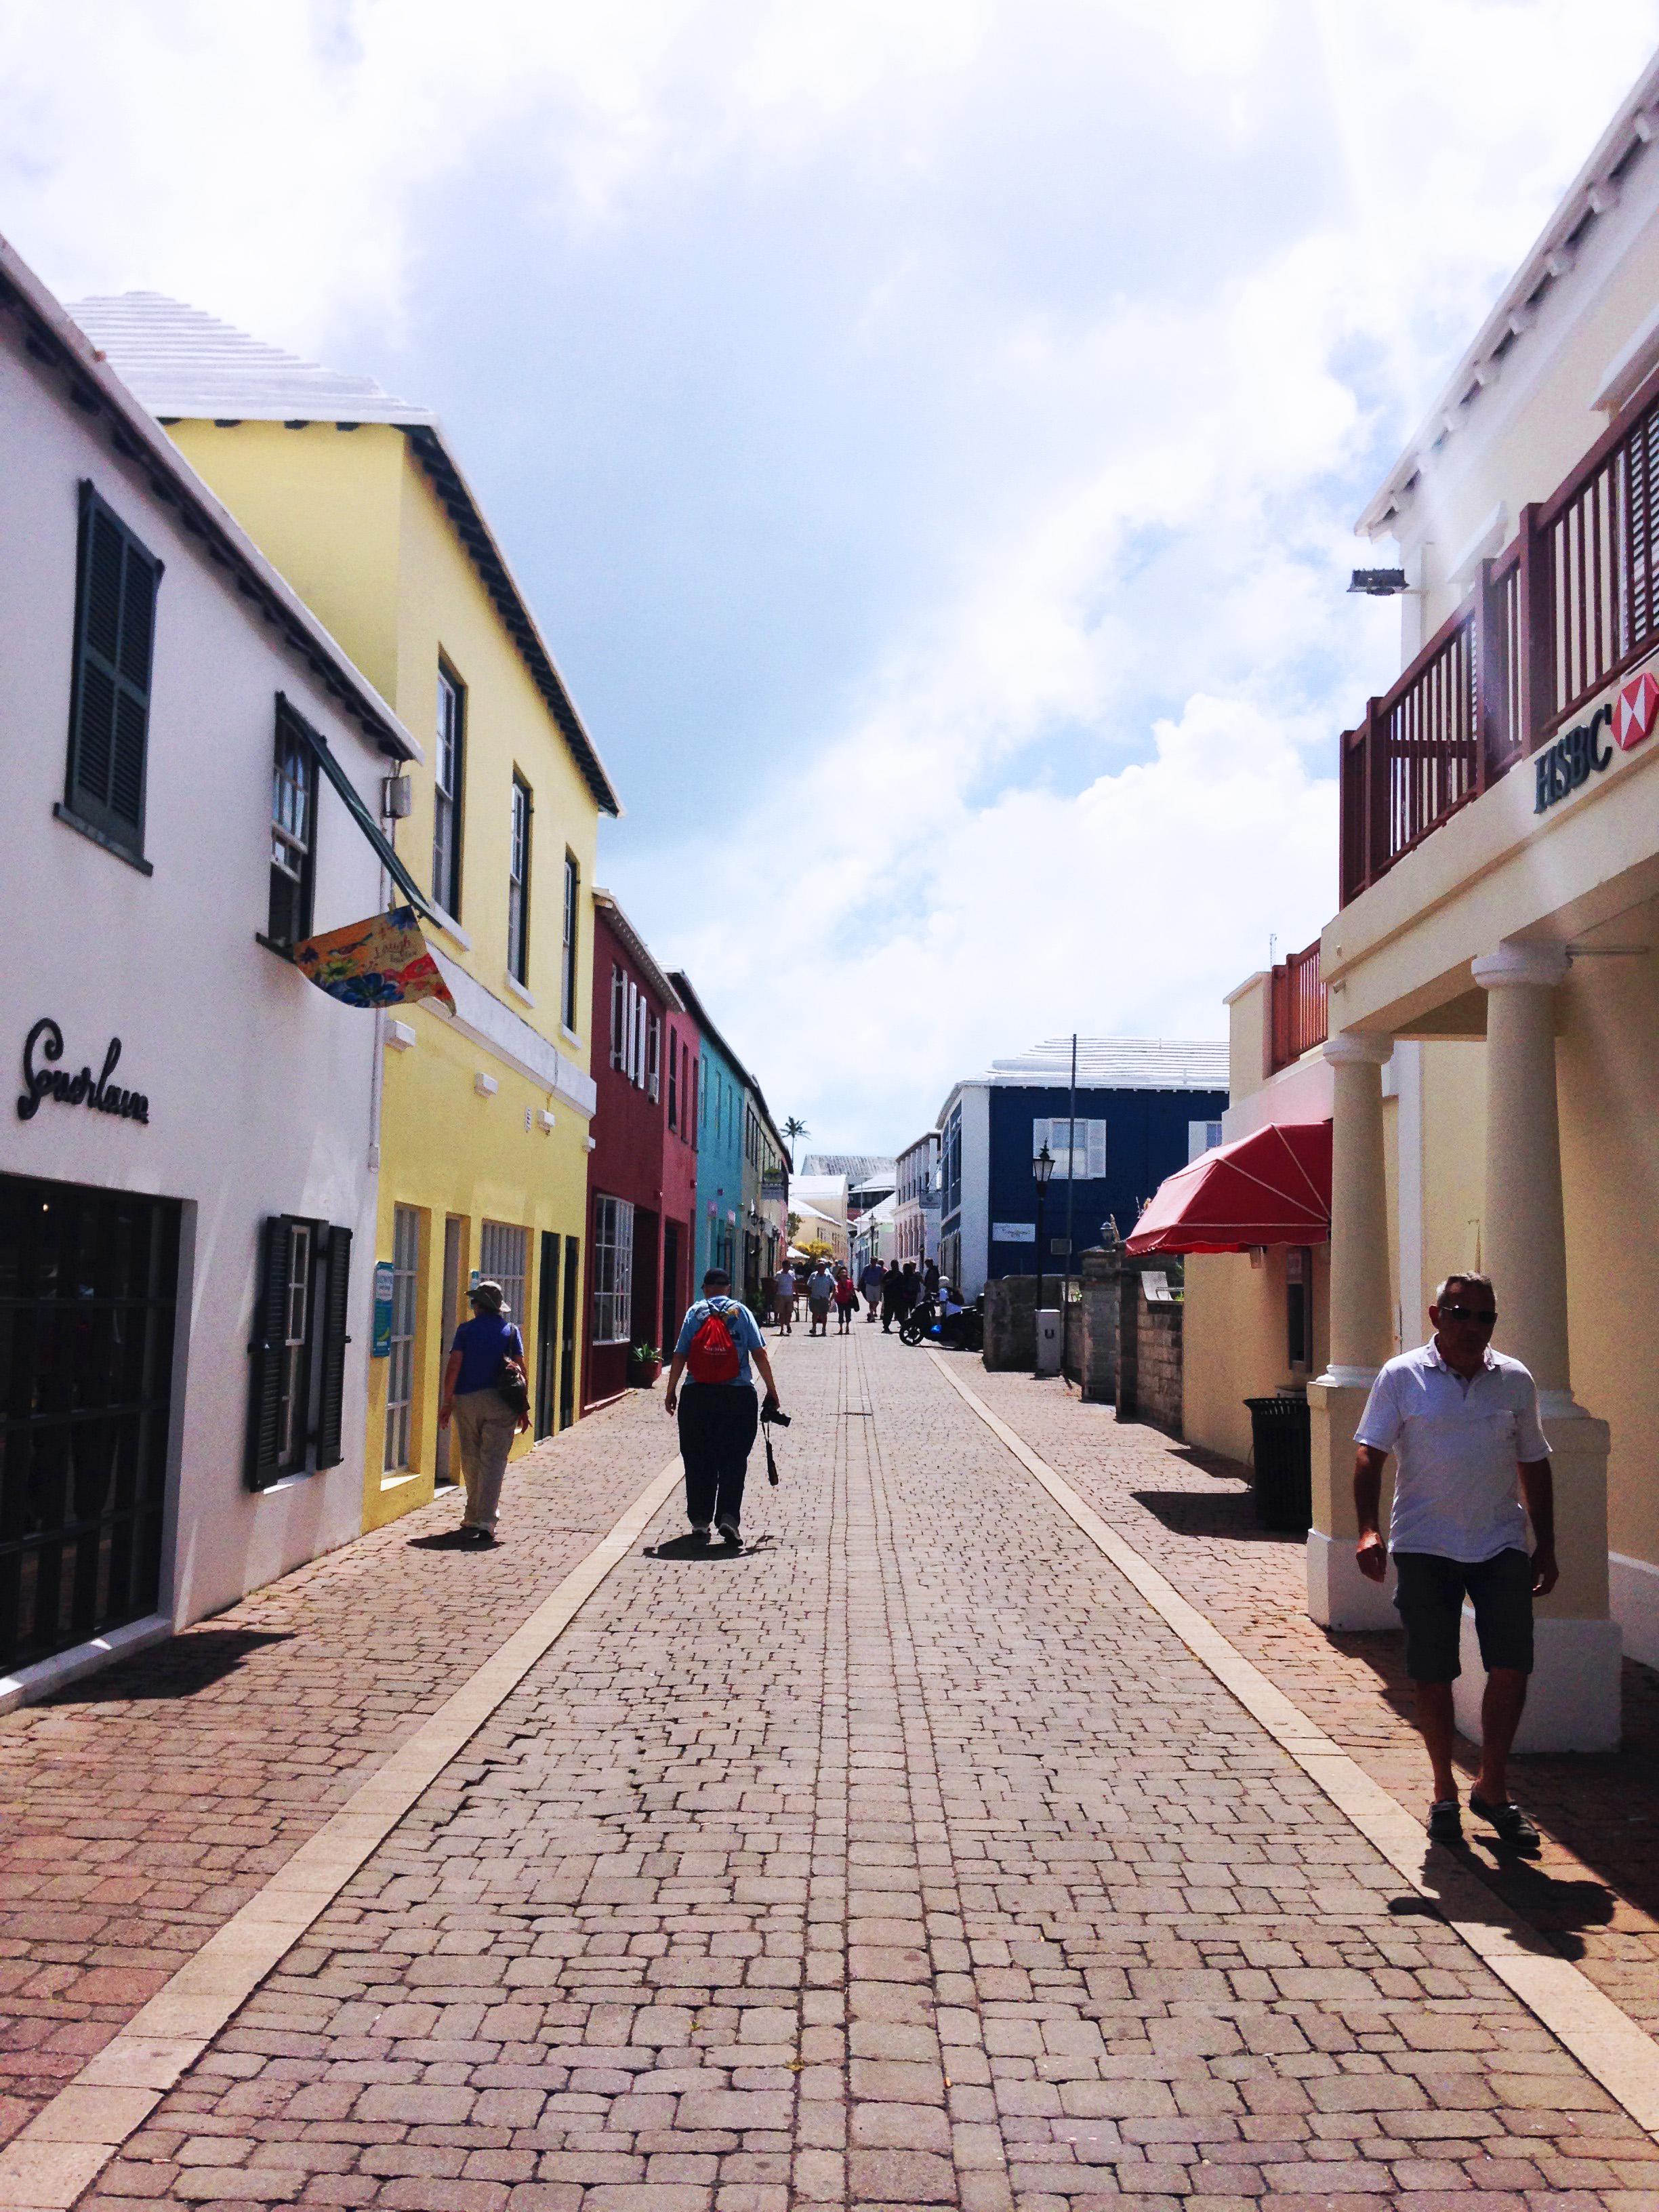 Bermuda_StGeorges.jpg